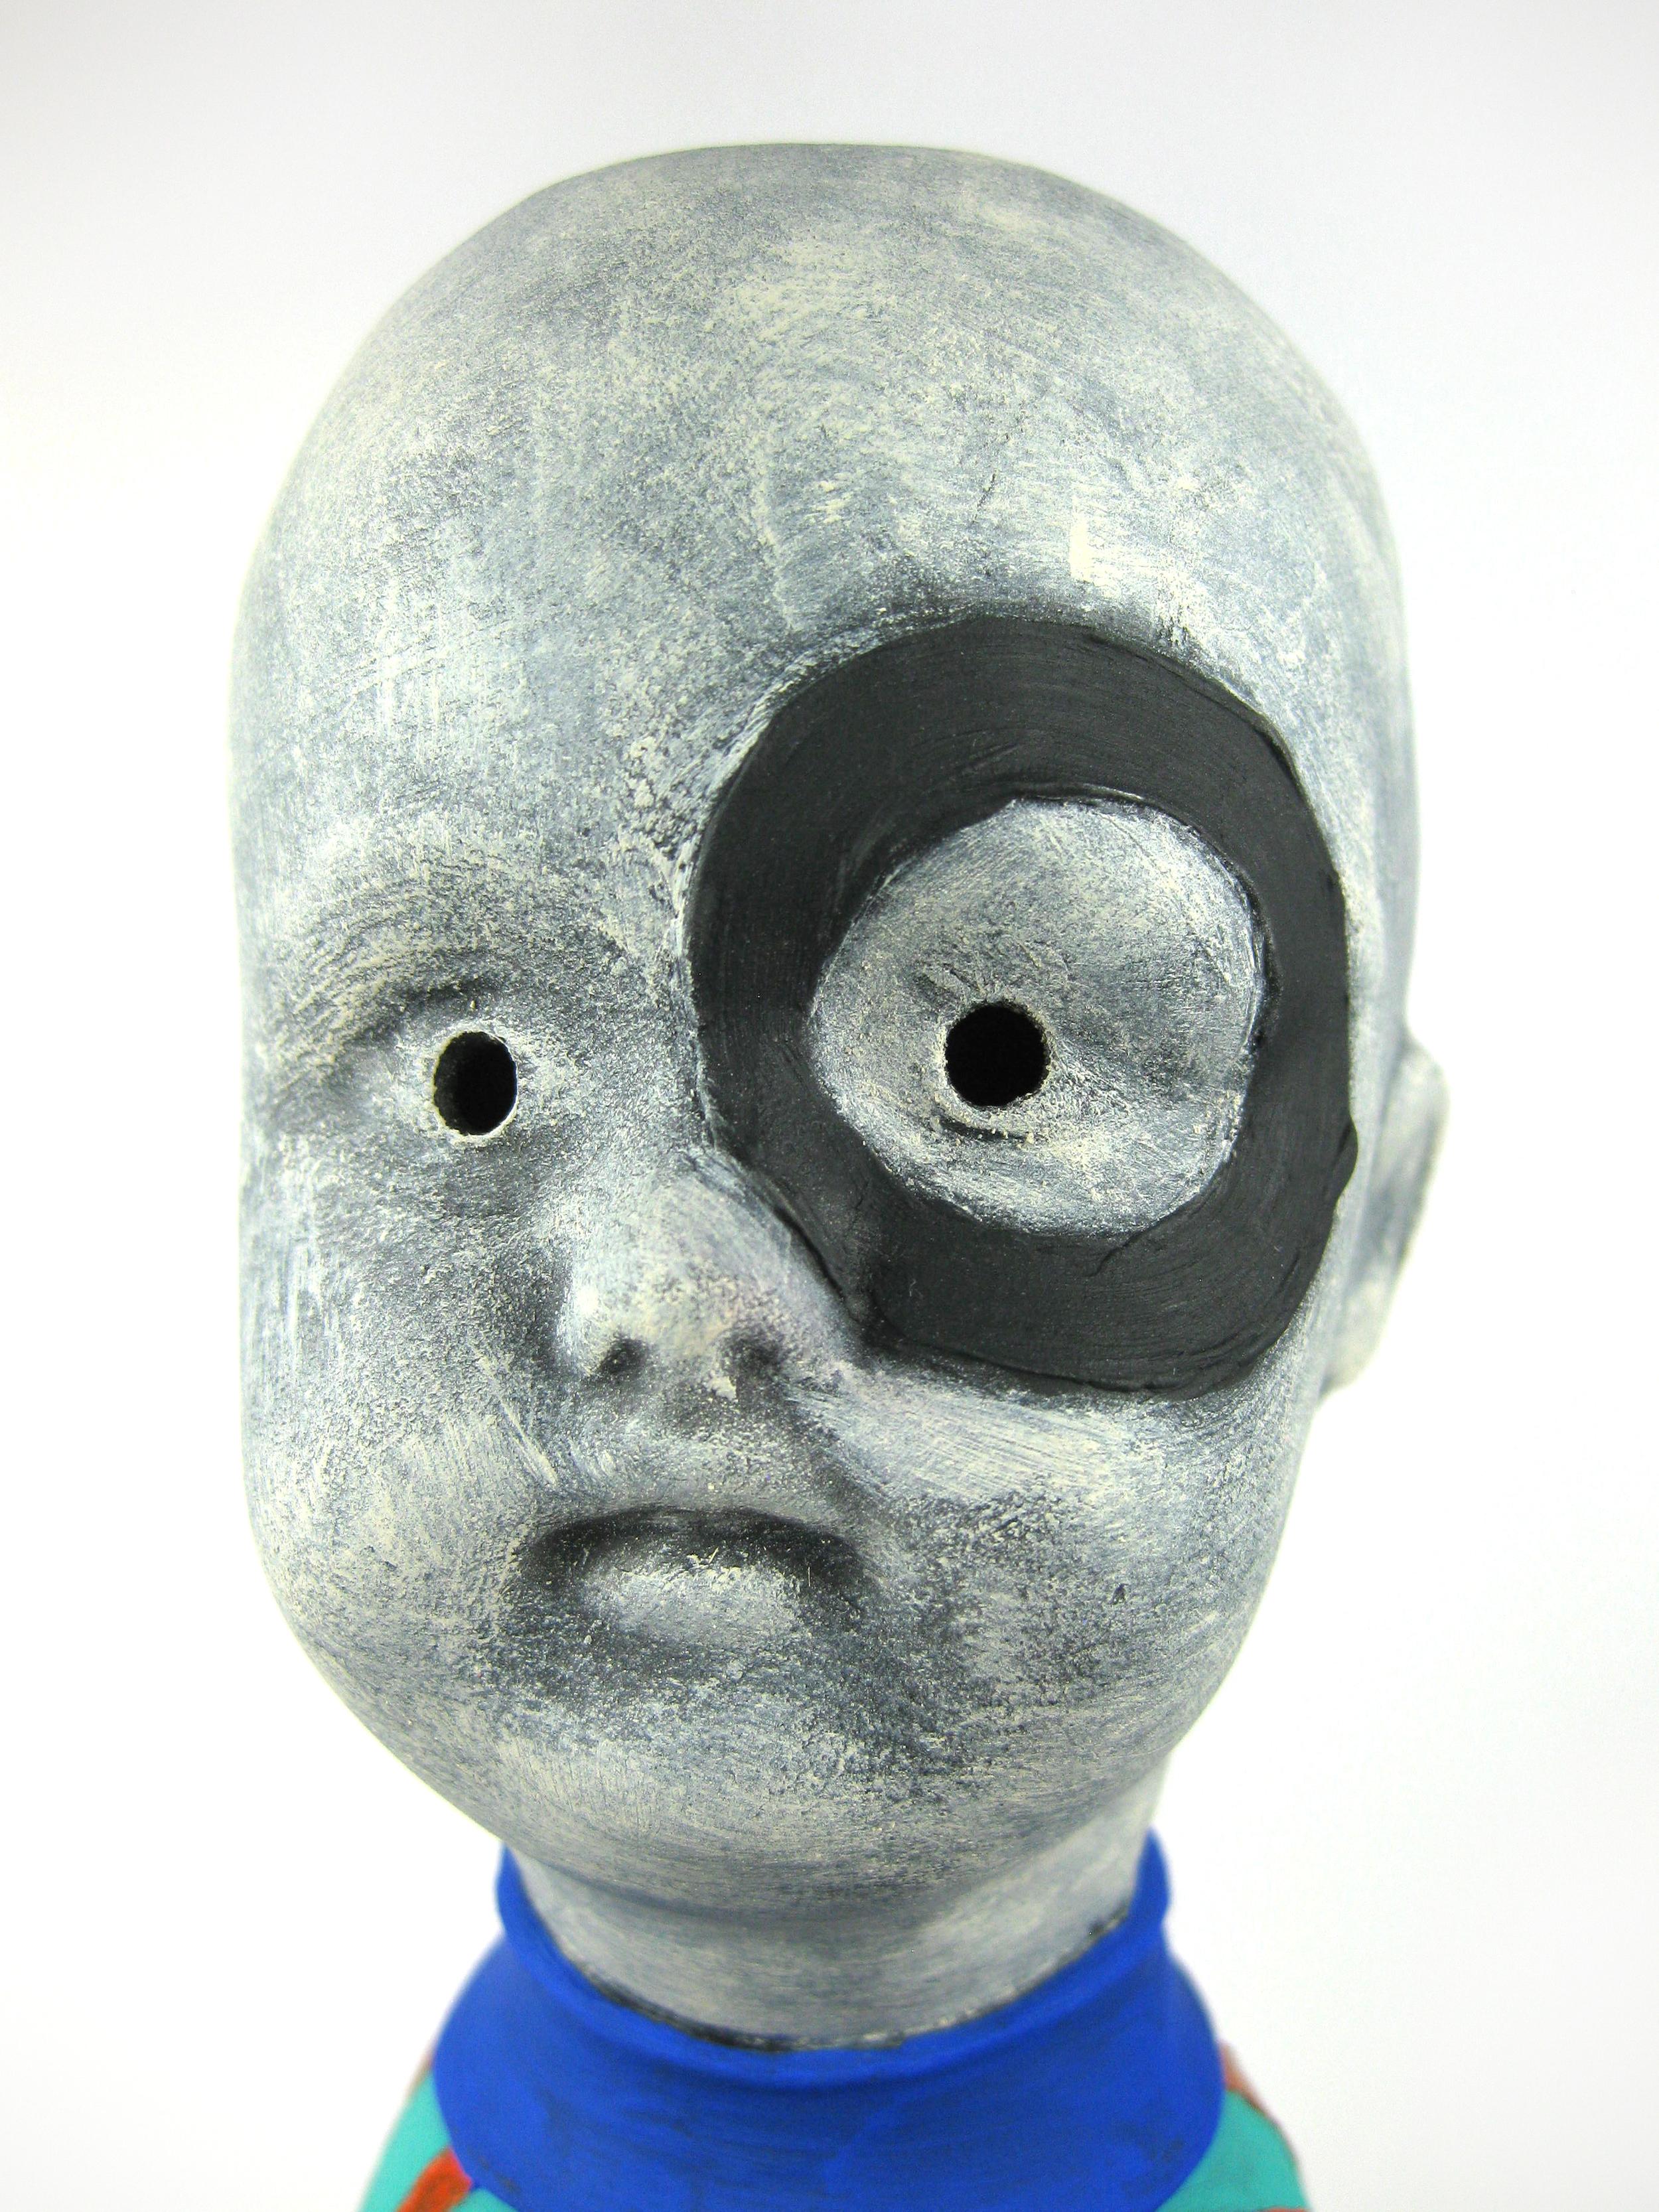 Black Eye Heart (Face Detail)